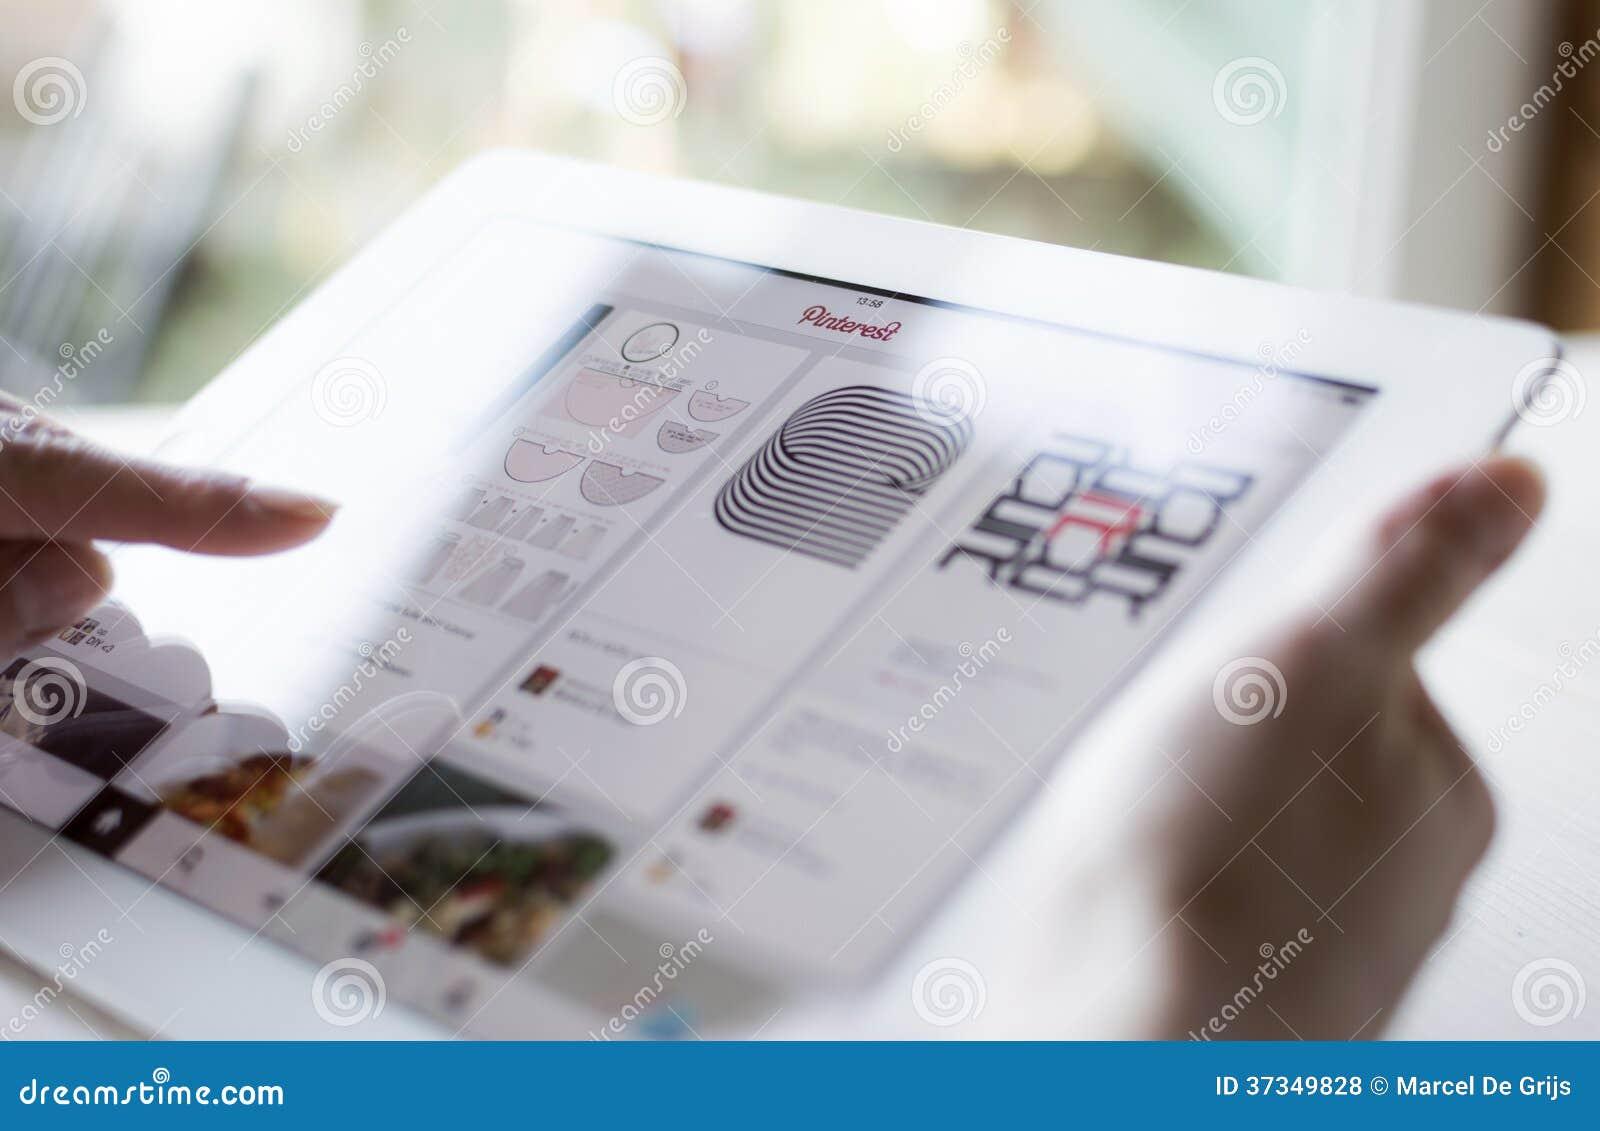 Använda Pinterest på iPad